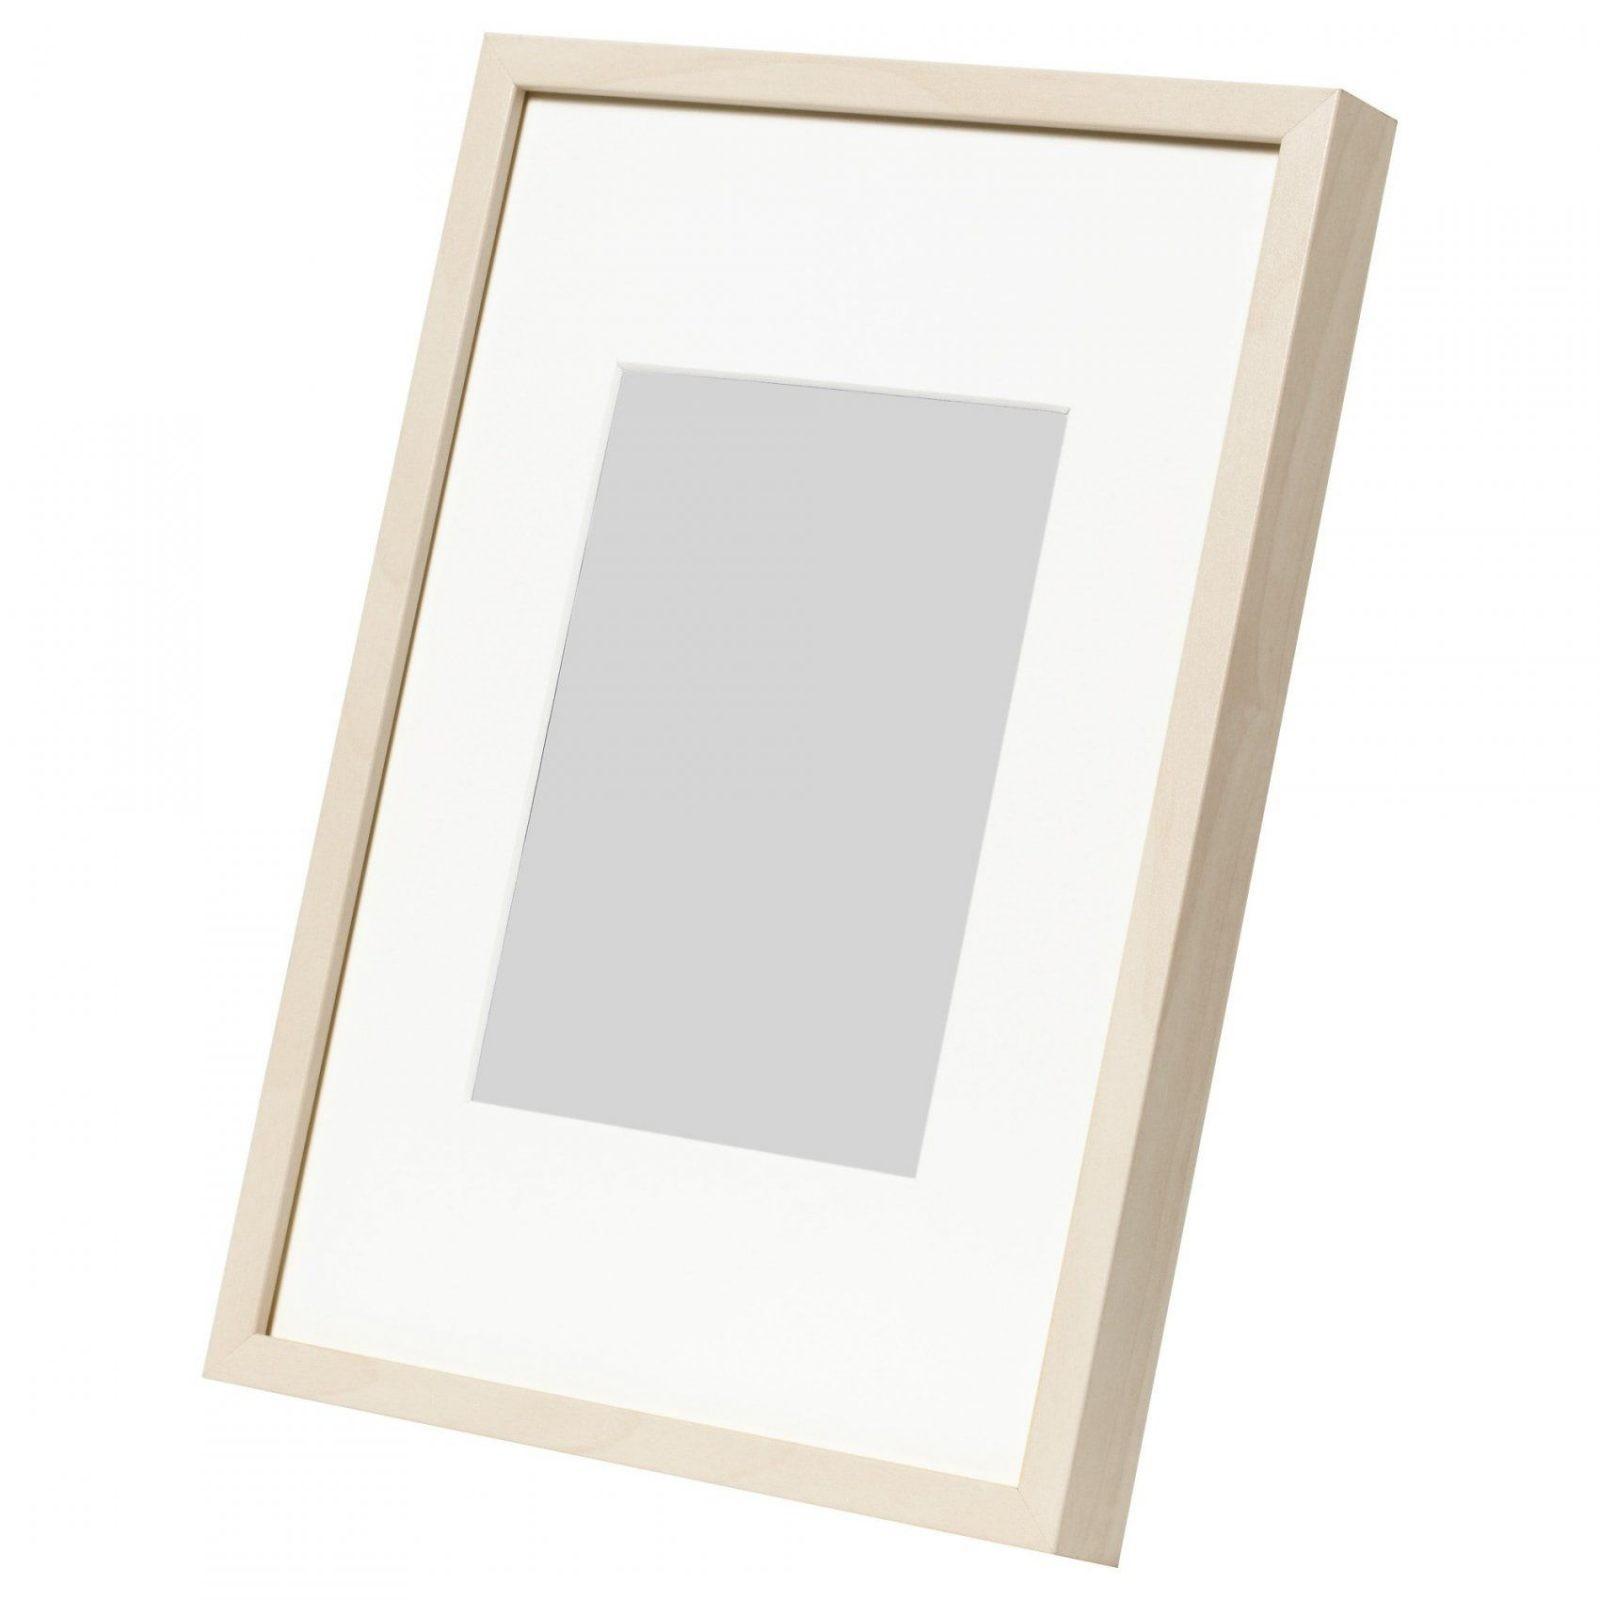 Ikea Bilderrahmen 70 X 100 | Haus Design Ideen